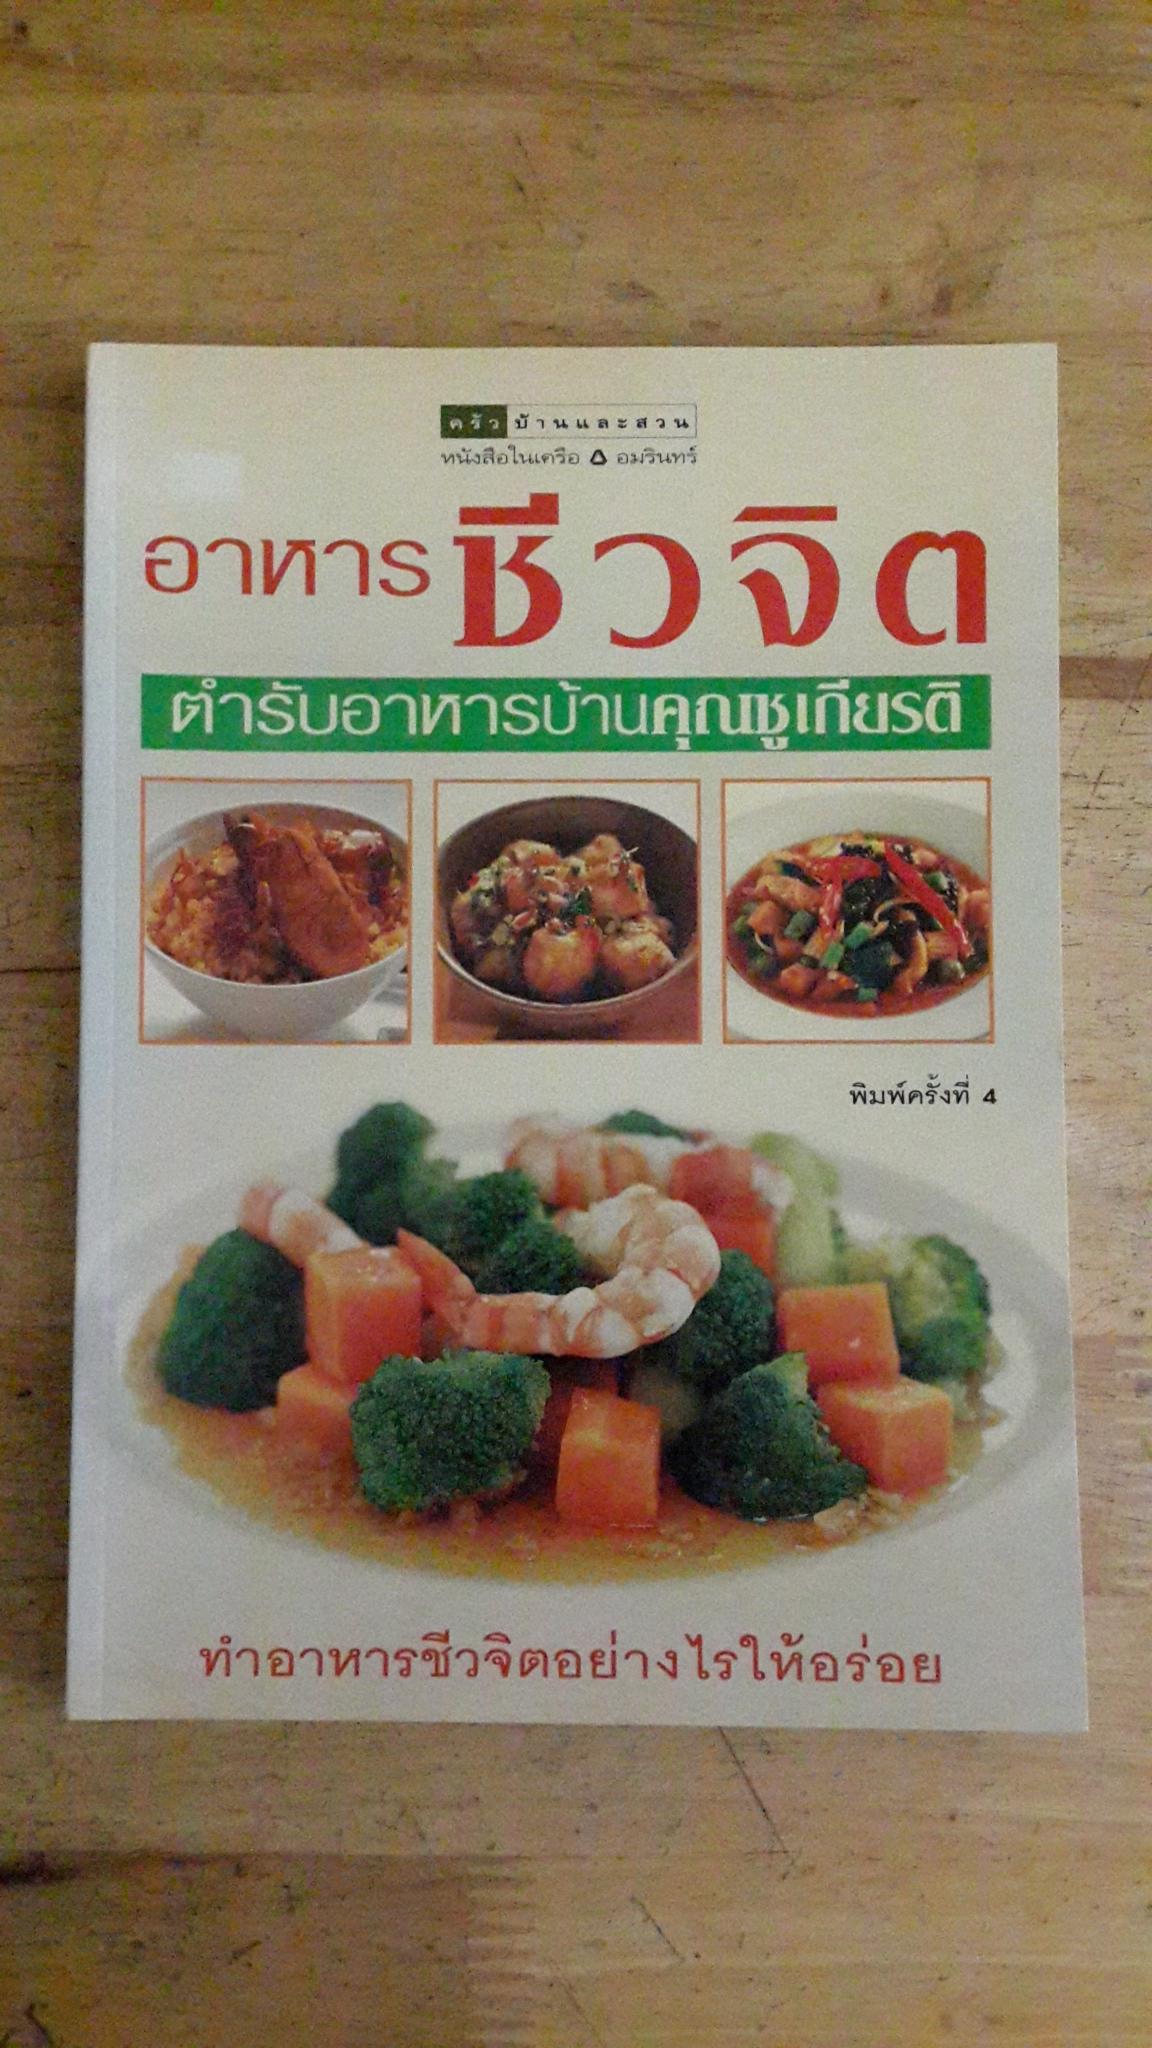 อาหาร ชีวจิต : ตำรับอาหารบ้านคุณชูเกียรติ